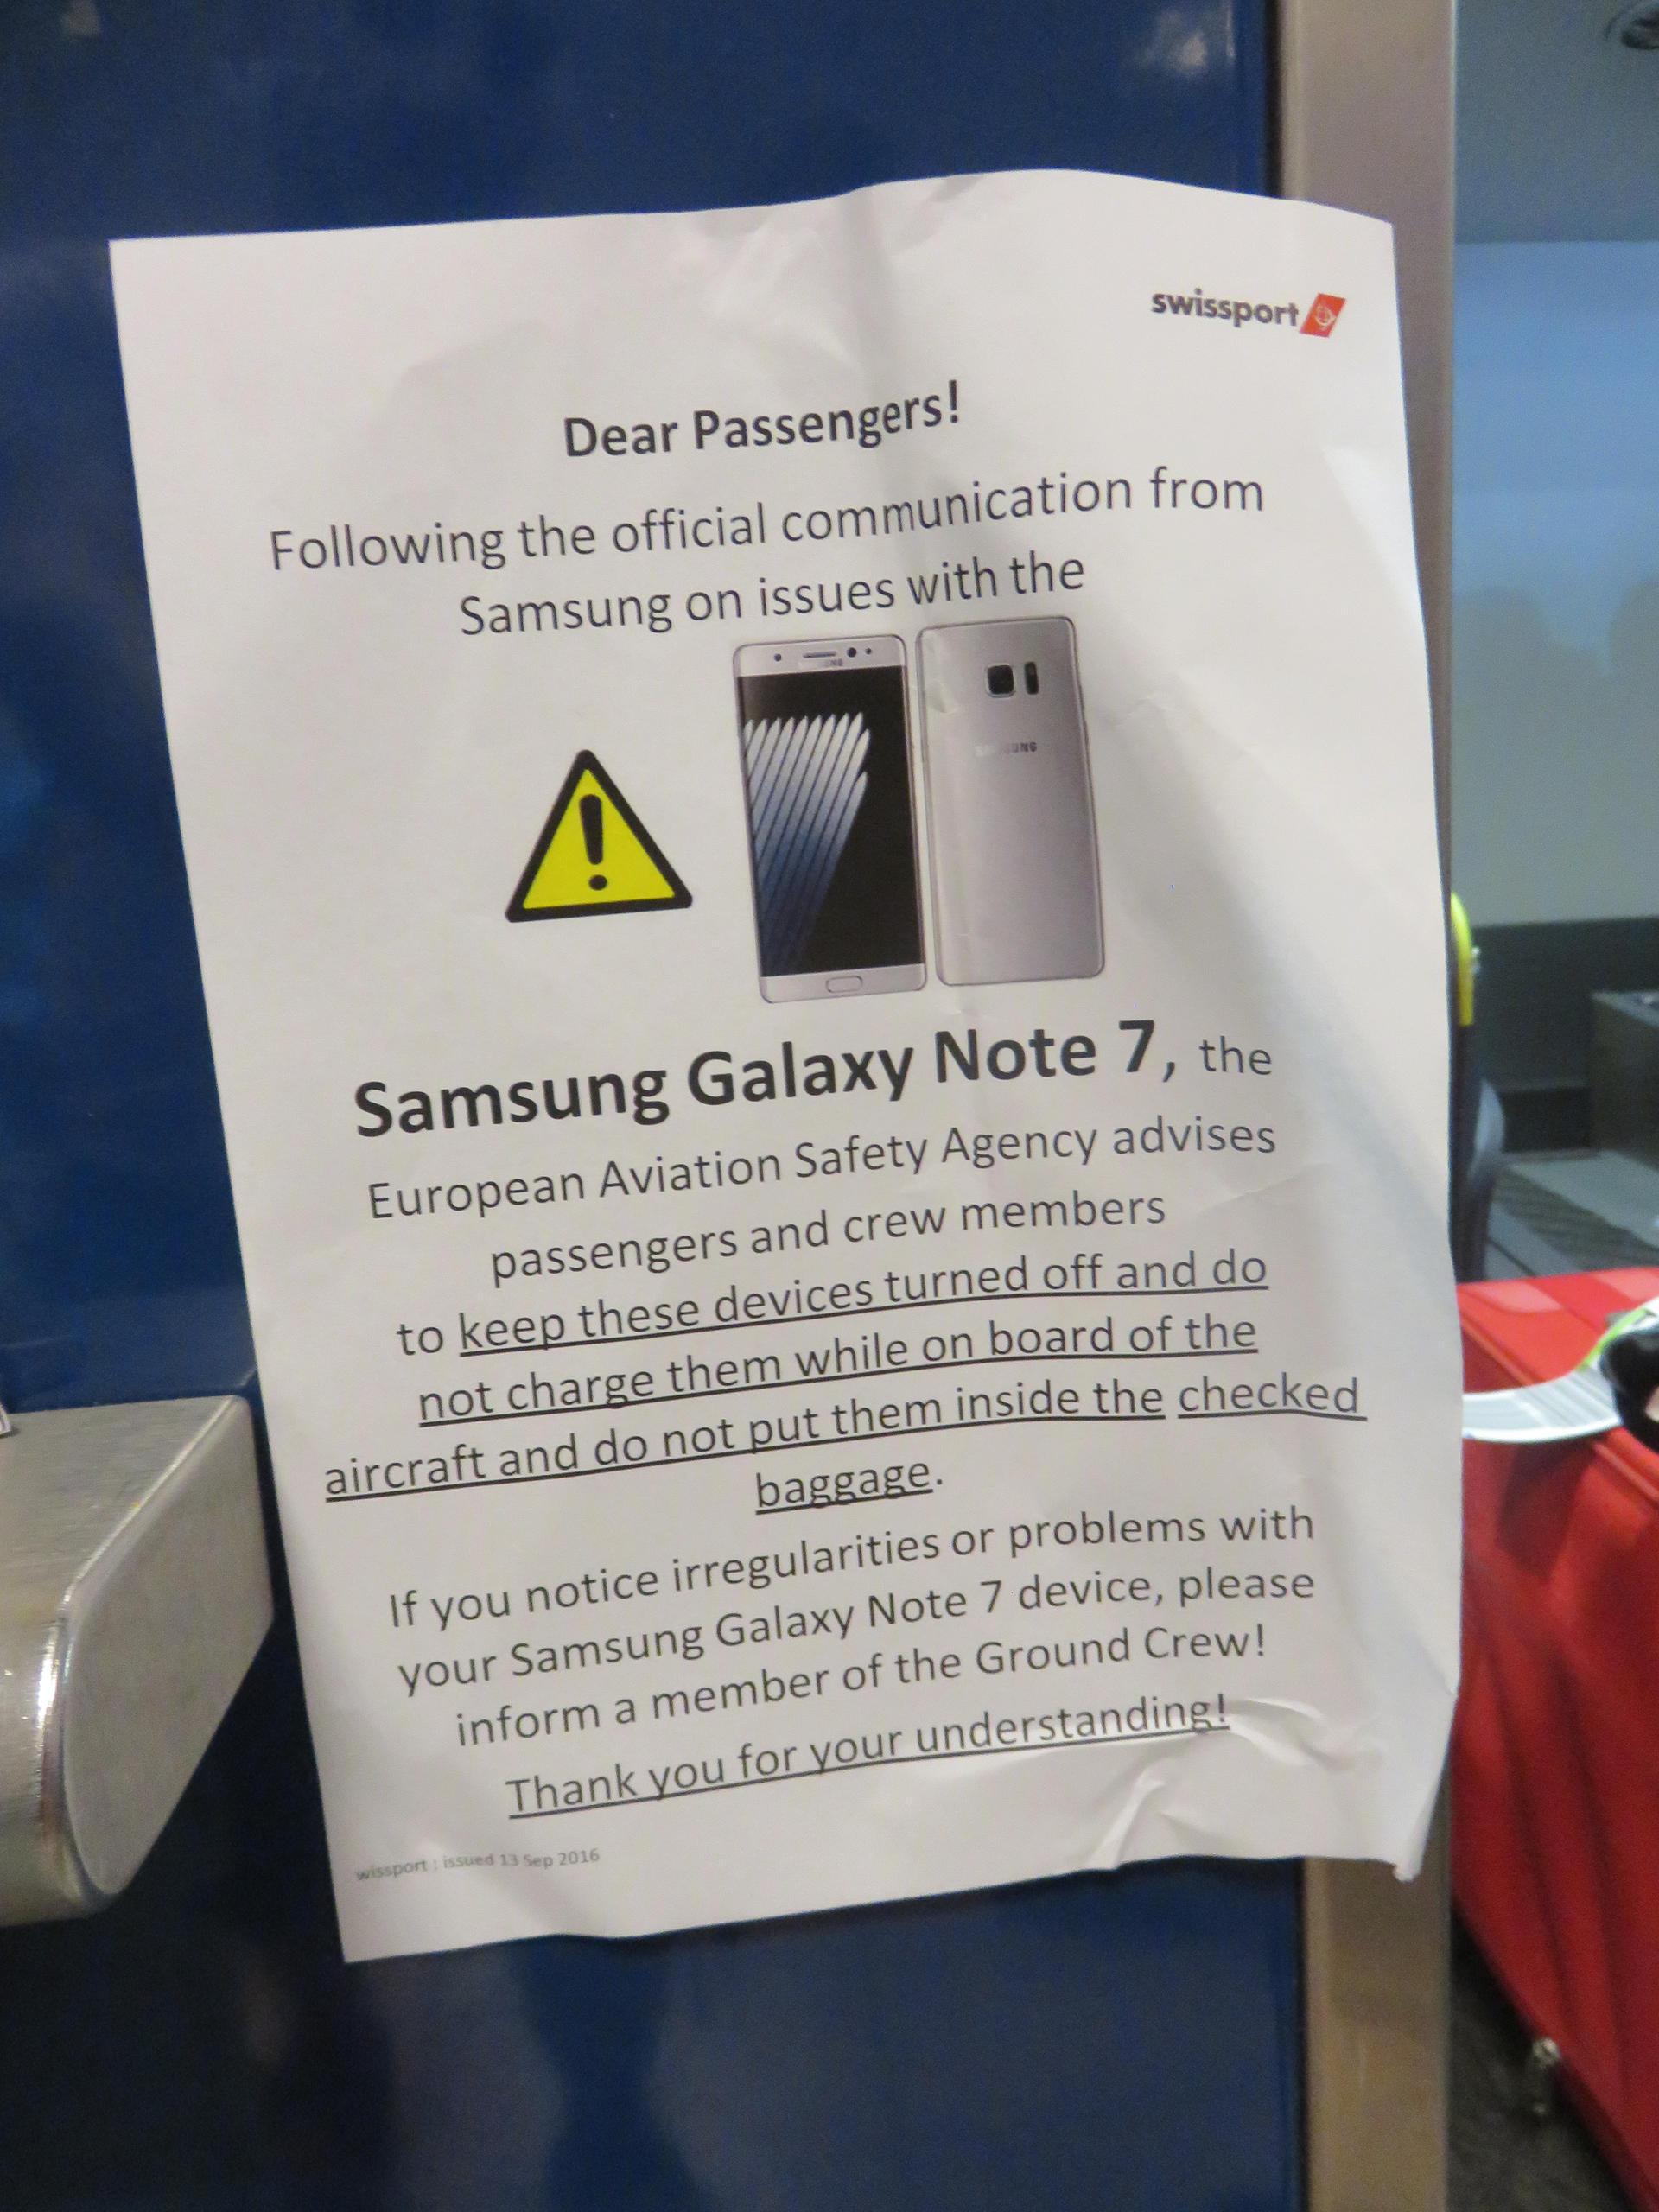 Comunicado de una aerolínea prohibiendo encender el modelo